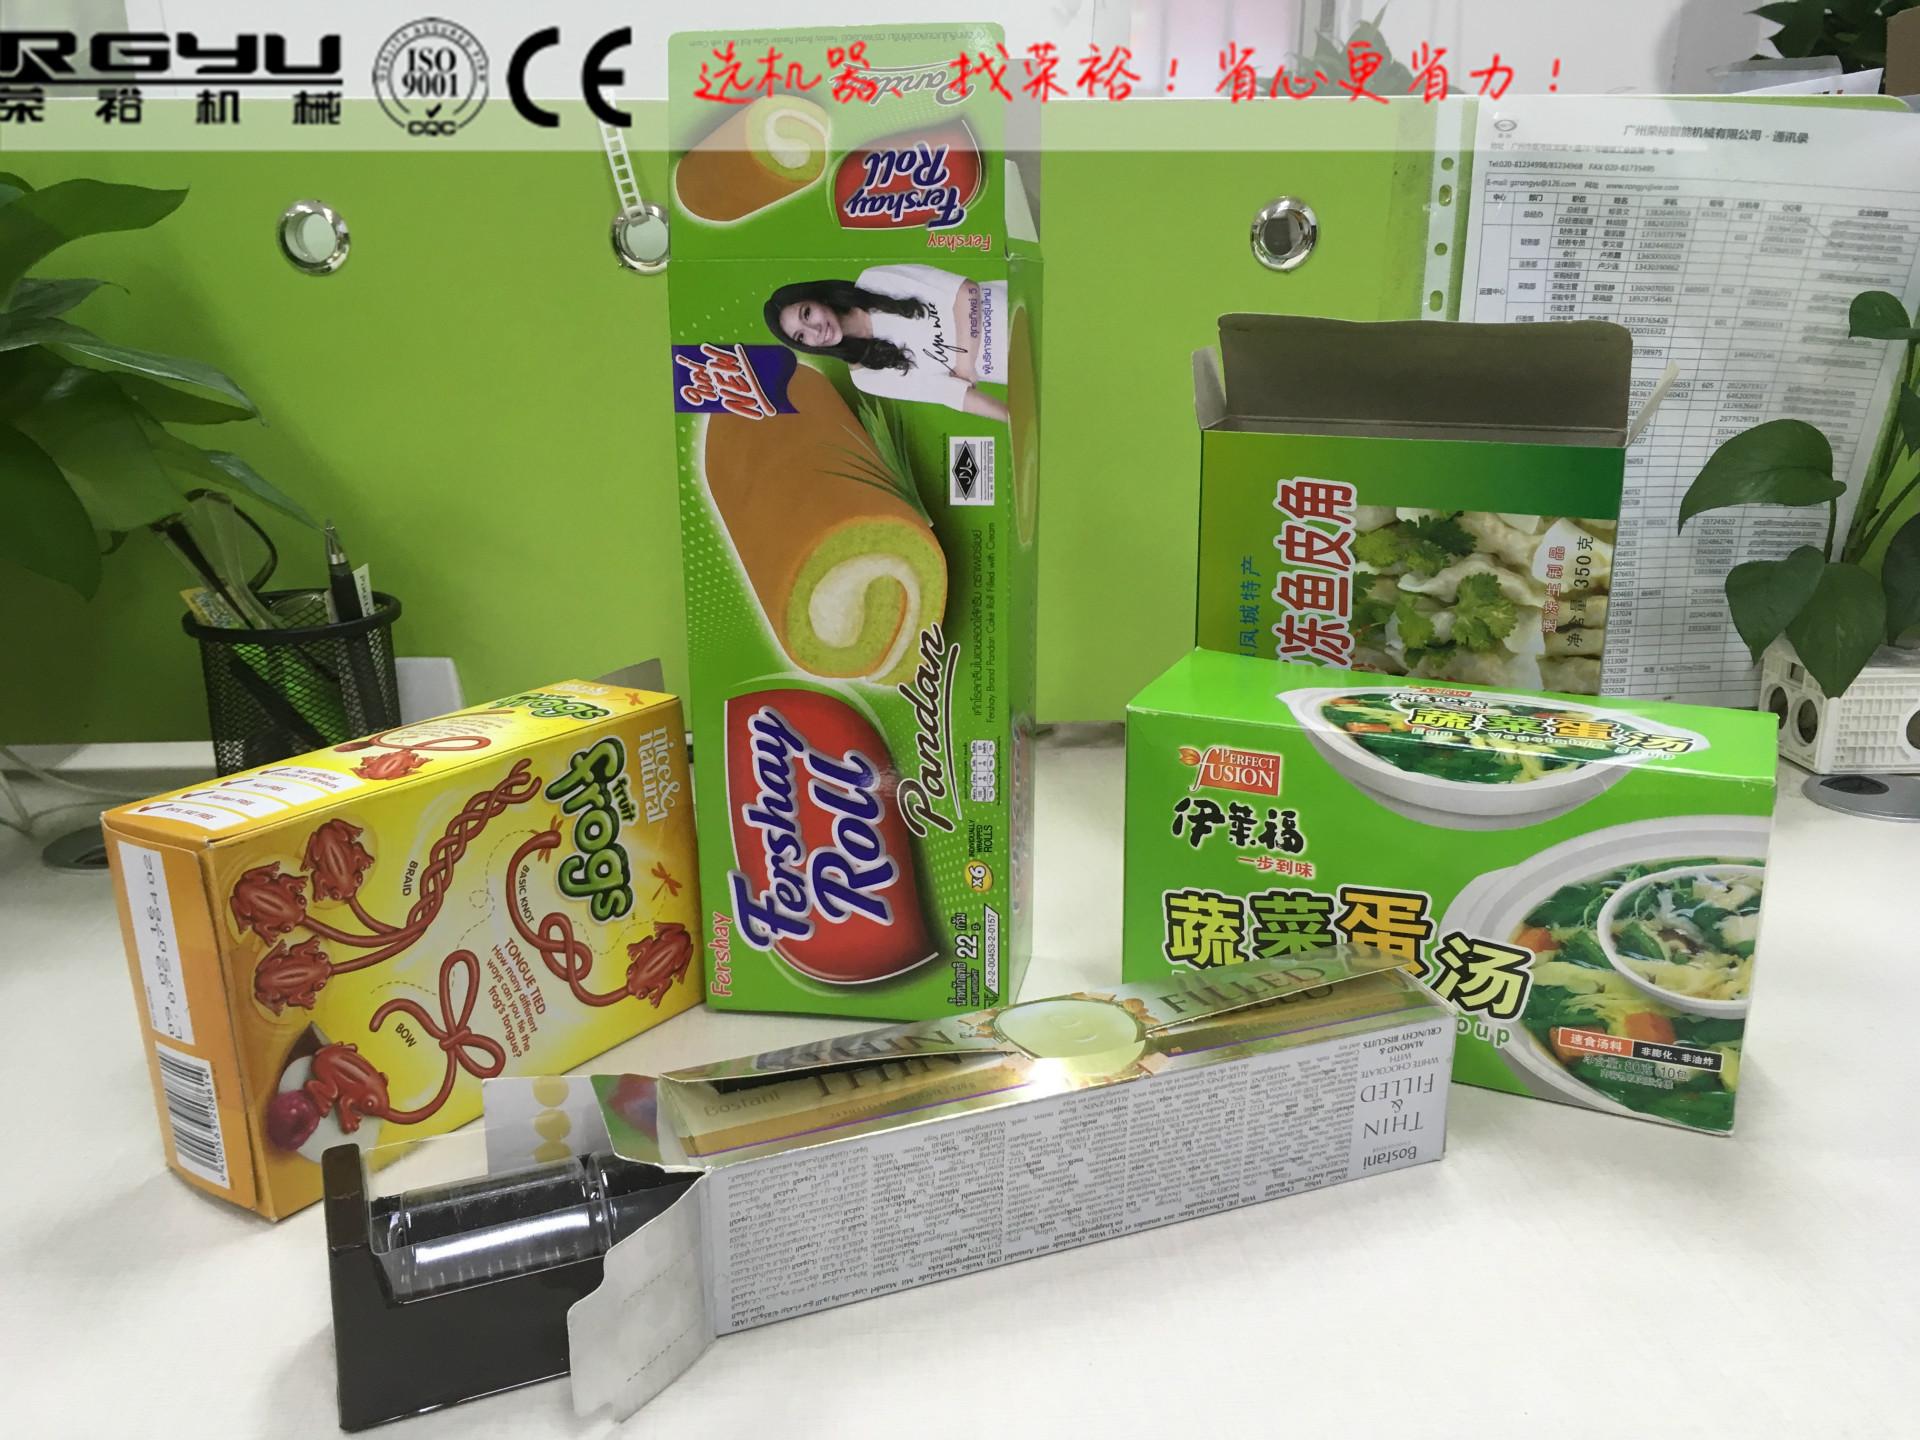 食品全自动装盒机 广州日用品自动包装设备 广州自动生产流水线示例图138